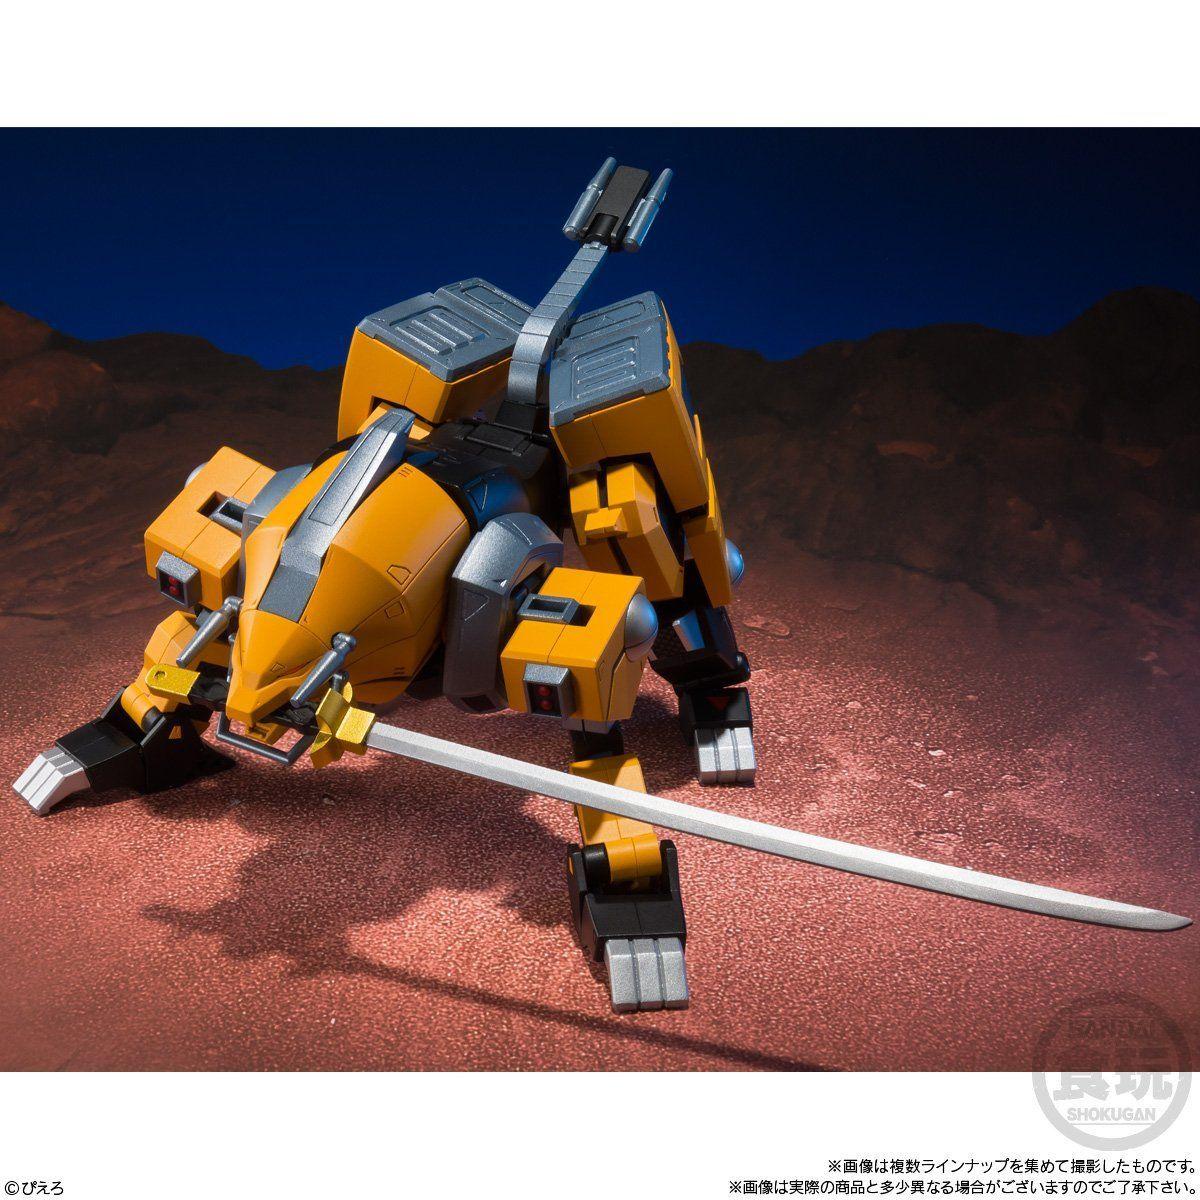 【食玩】スーパーミニプラ『忍者戦士 飛影Vol.1(3個入)』プラモデル-006